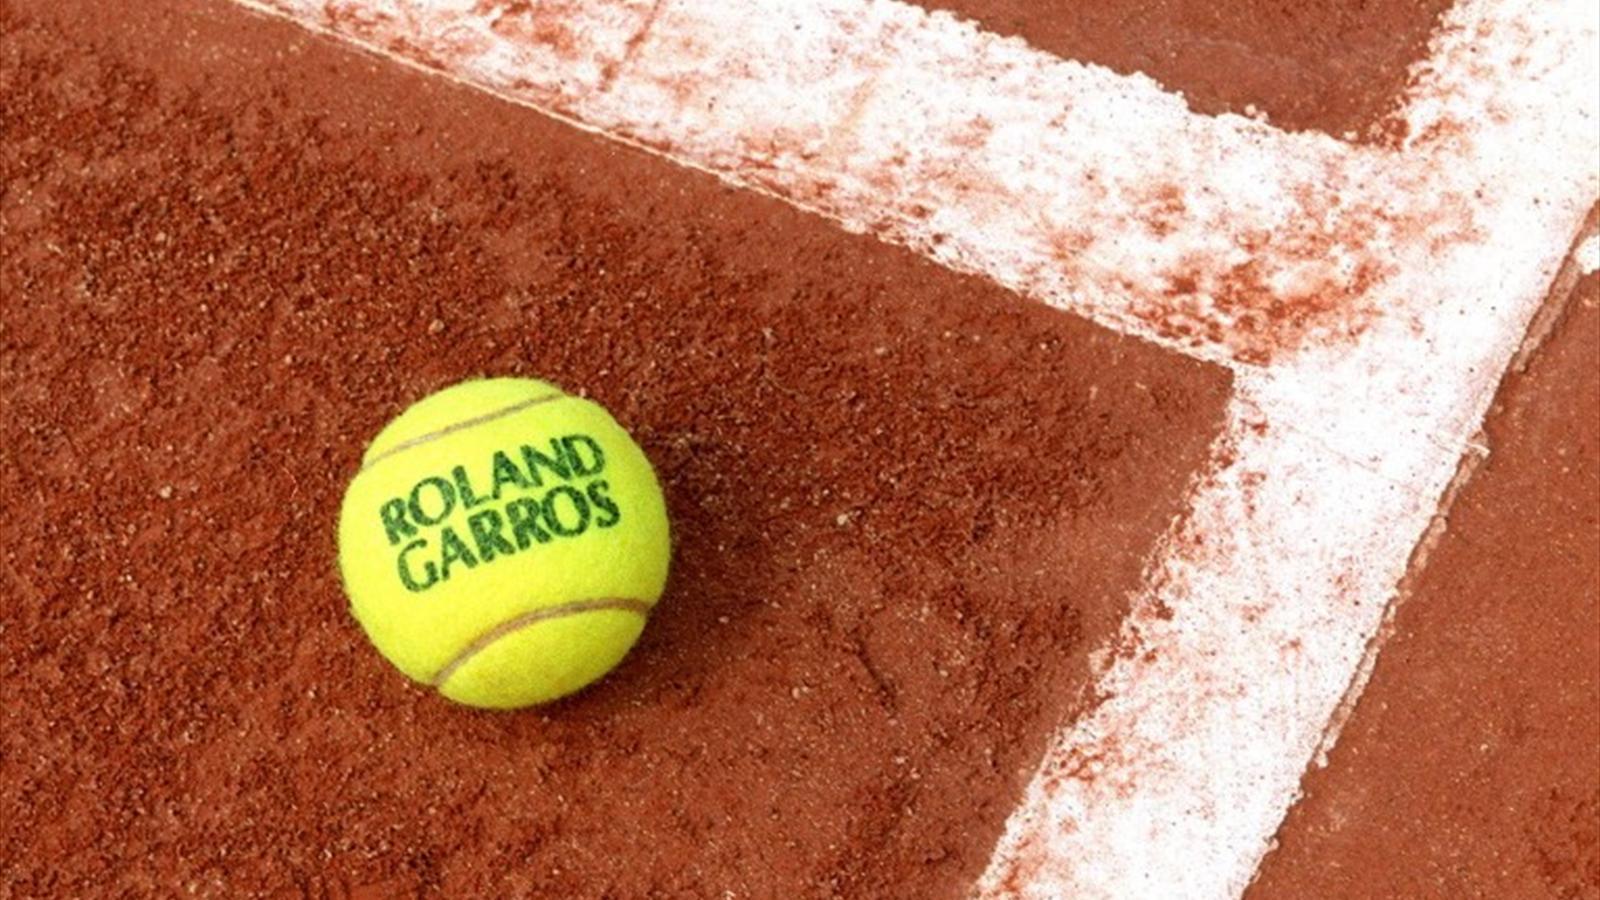 A Parigi si rialza il sipario de24 maggio è iniziato il l grande tennis: la terra rossa più celebre del mondo è pronta a dar spettacolo